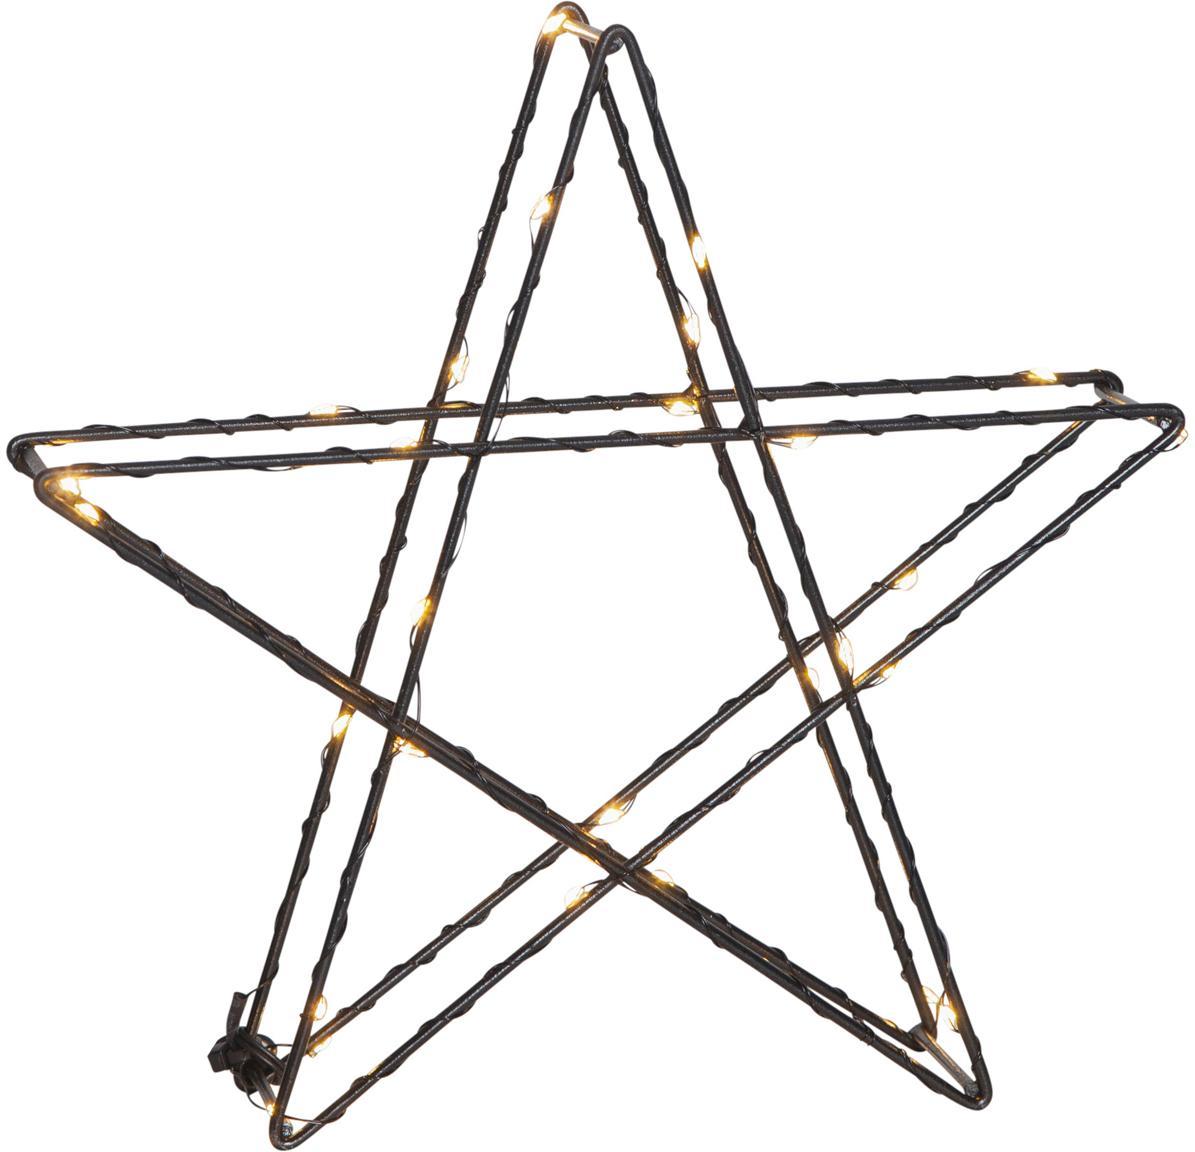 LED Leuchtobjekt Stern, batteriebetrieben, Schwarz, 25 x 25 cm